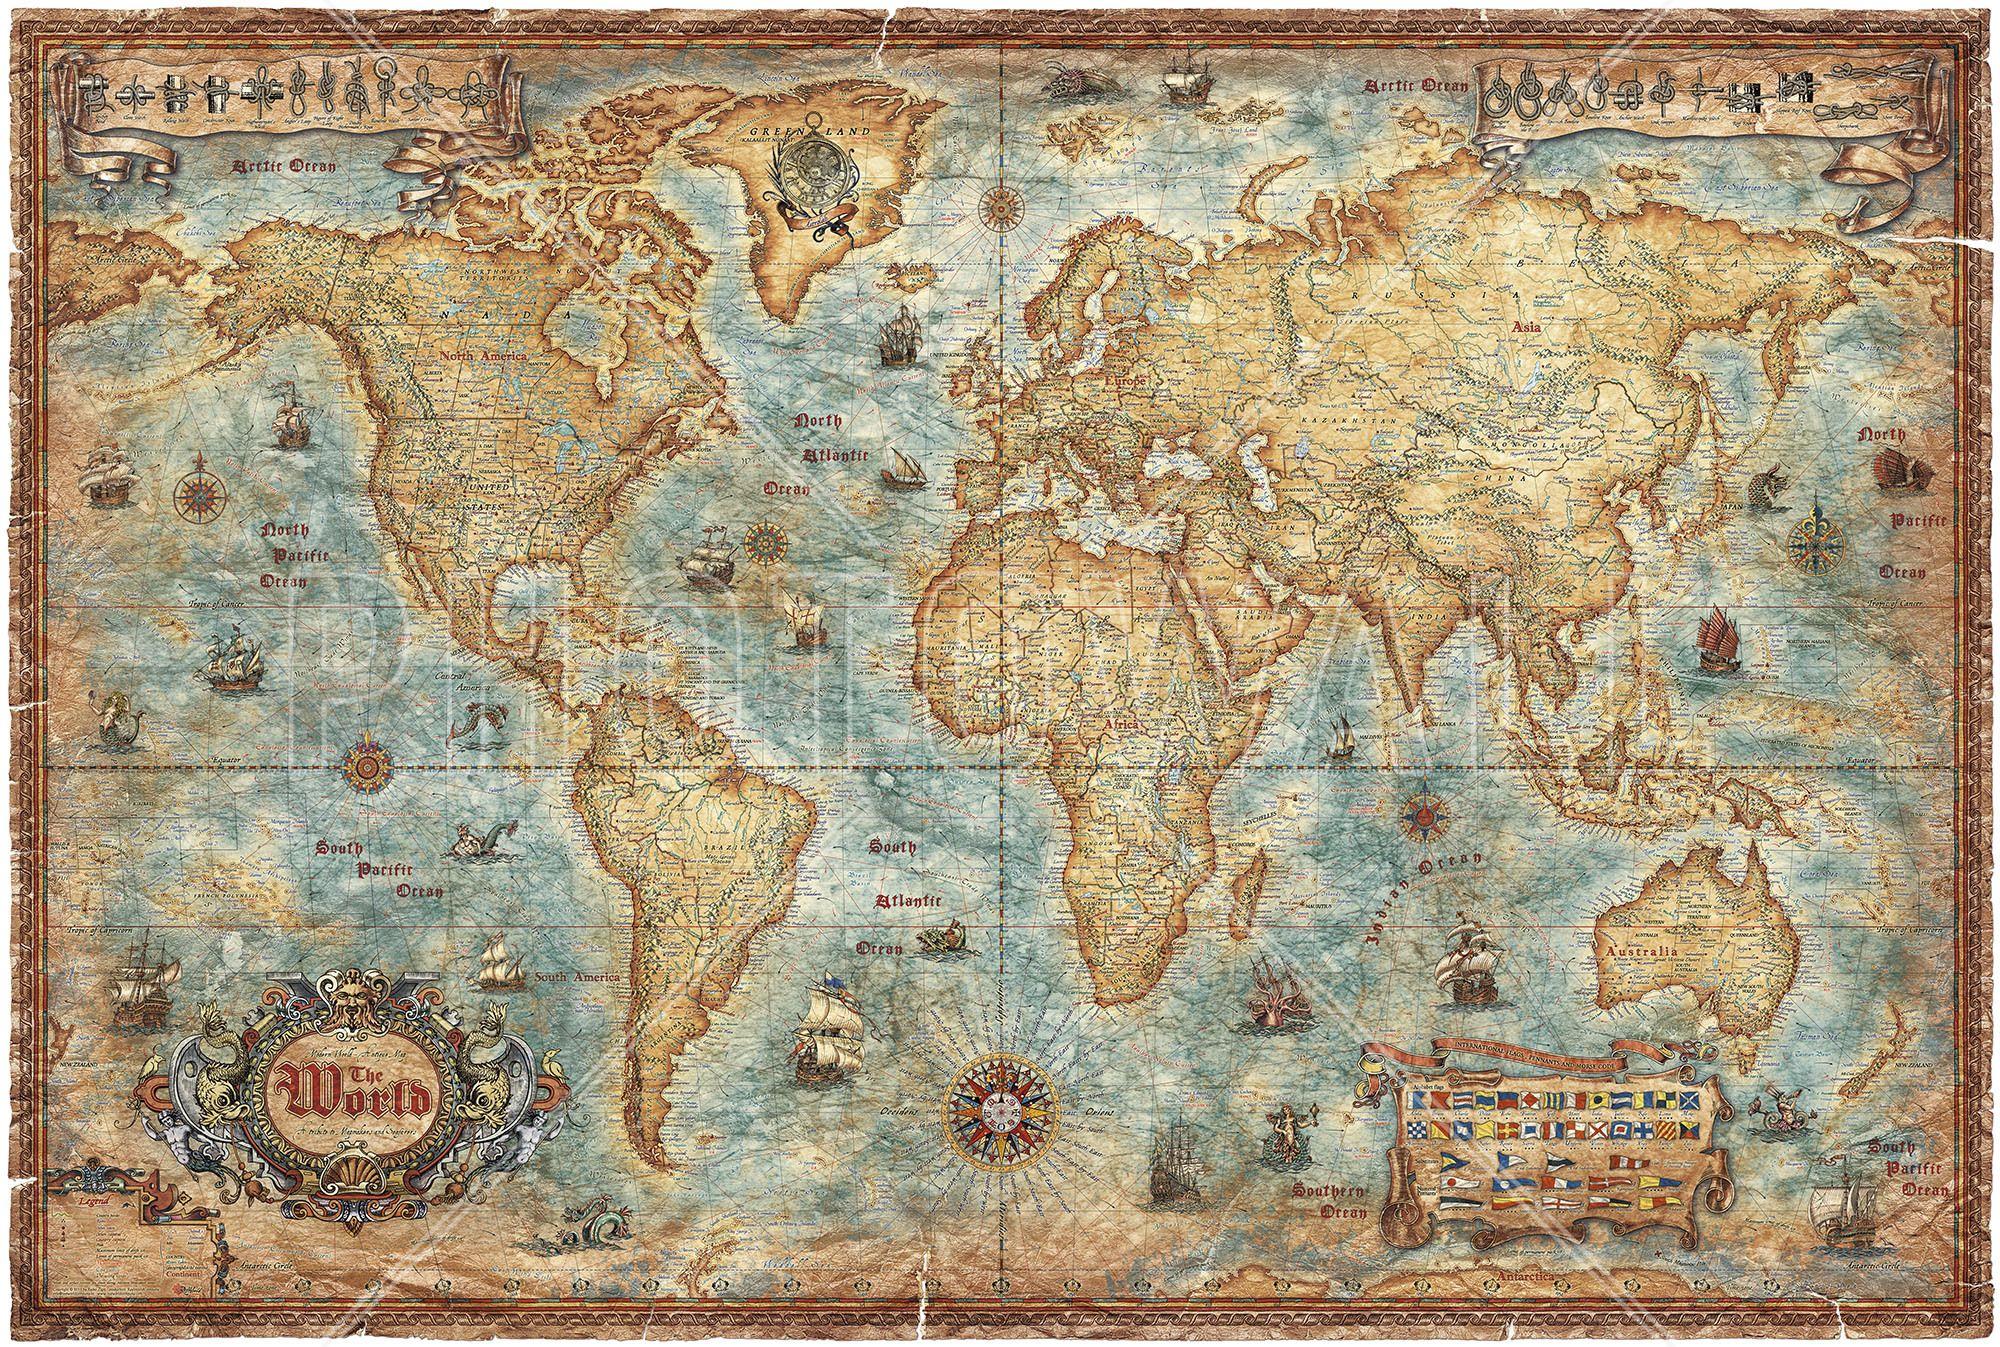 Modern world antique map wall mural photo wallpaper photowall modern world antique map wall mural photo wallpaper photowall gumiabroncs Images